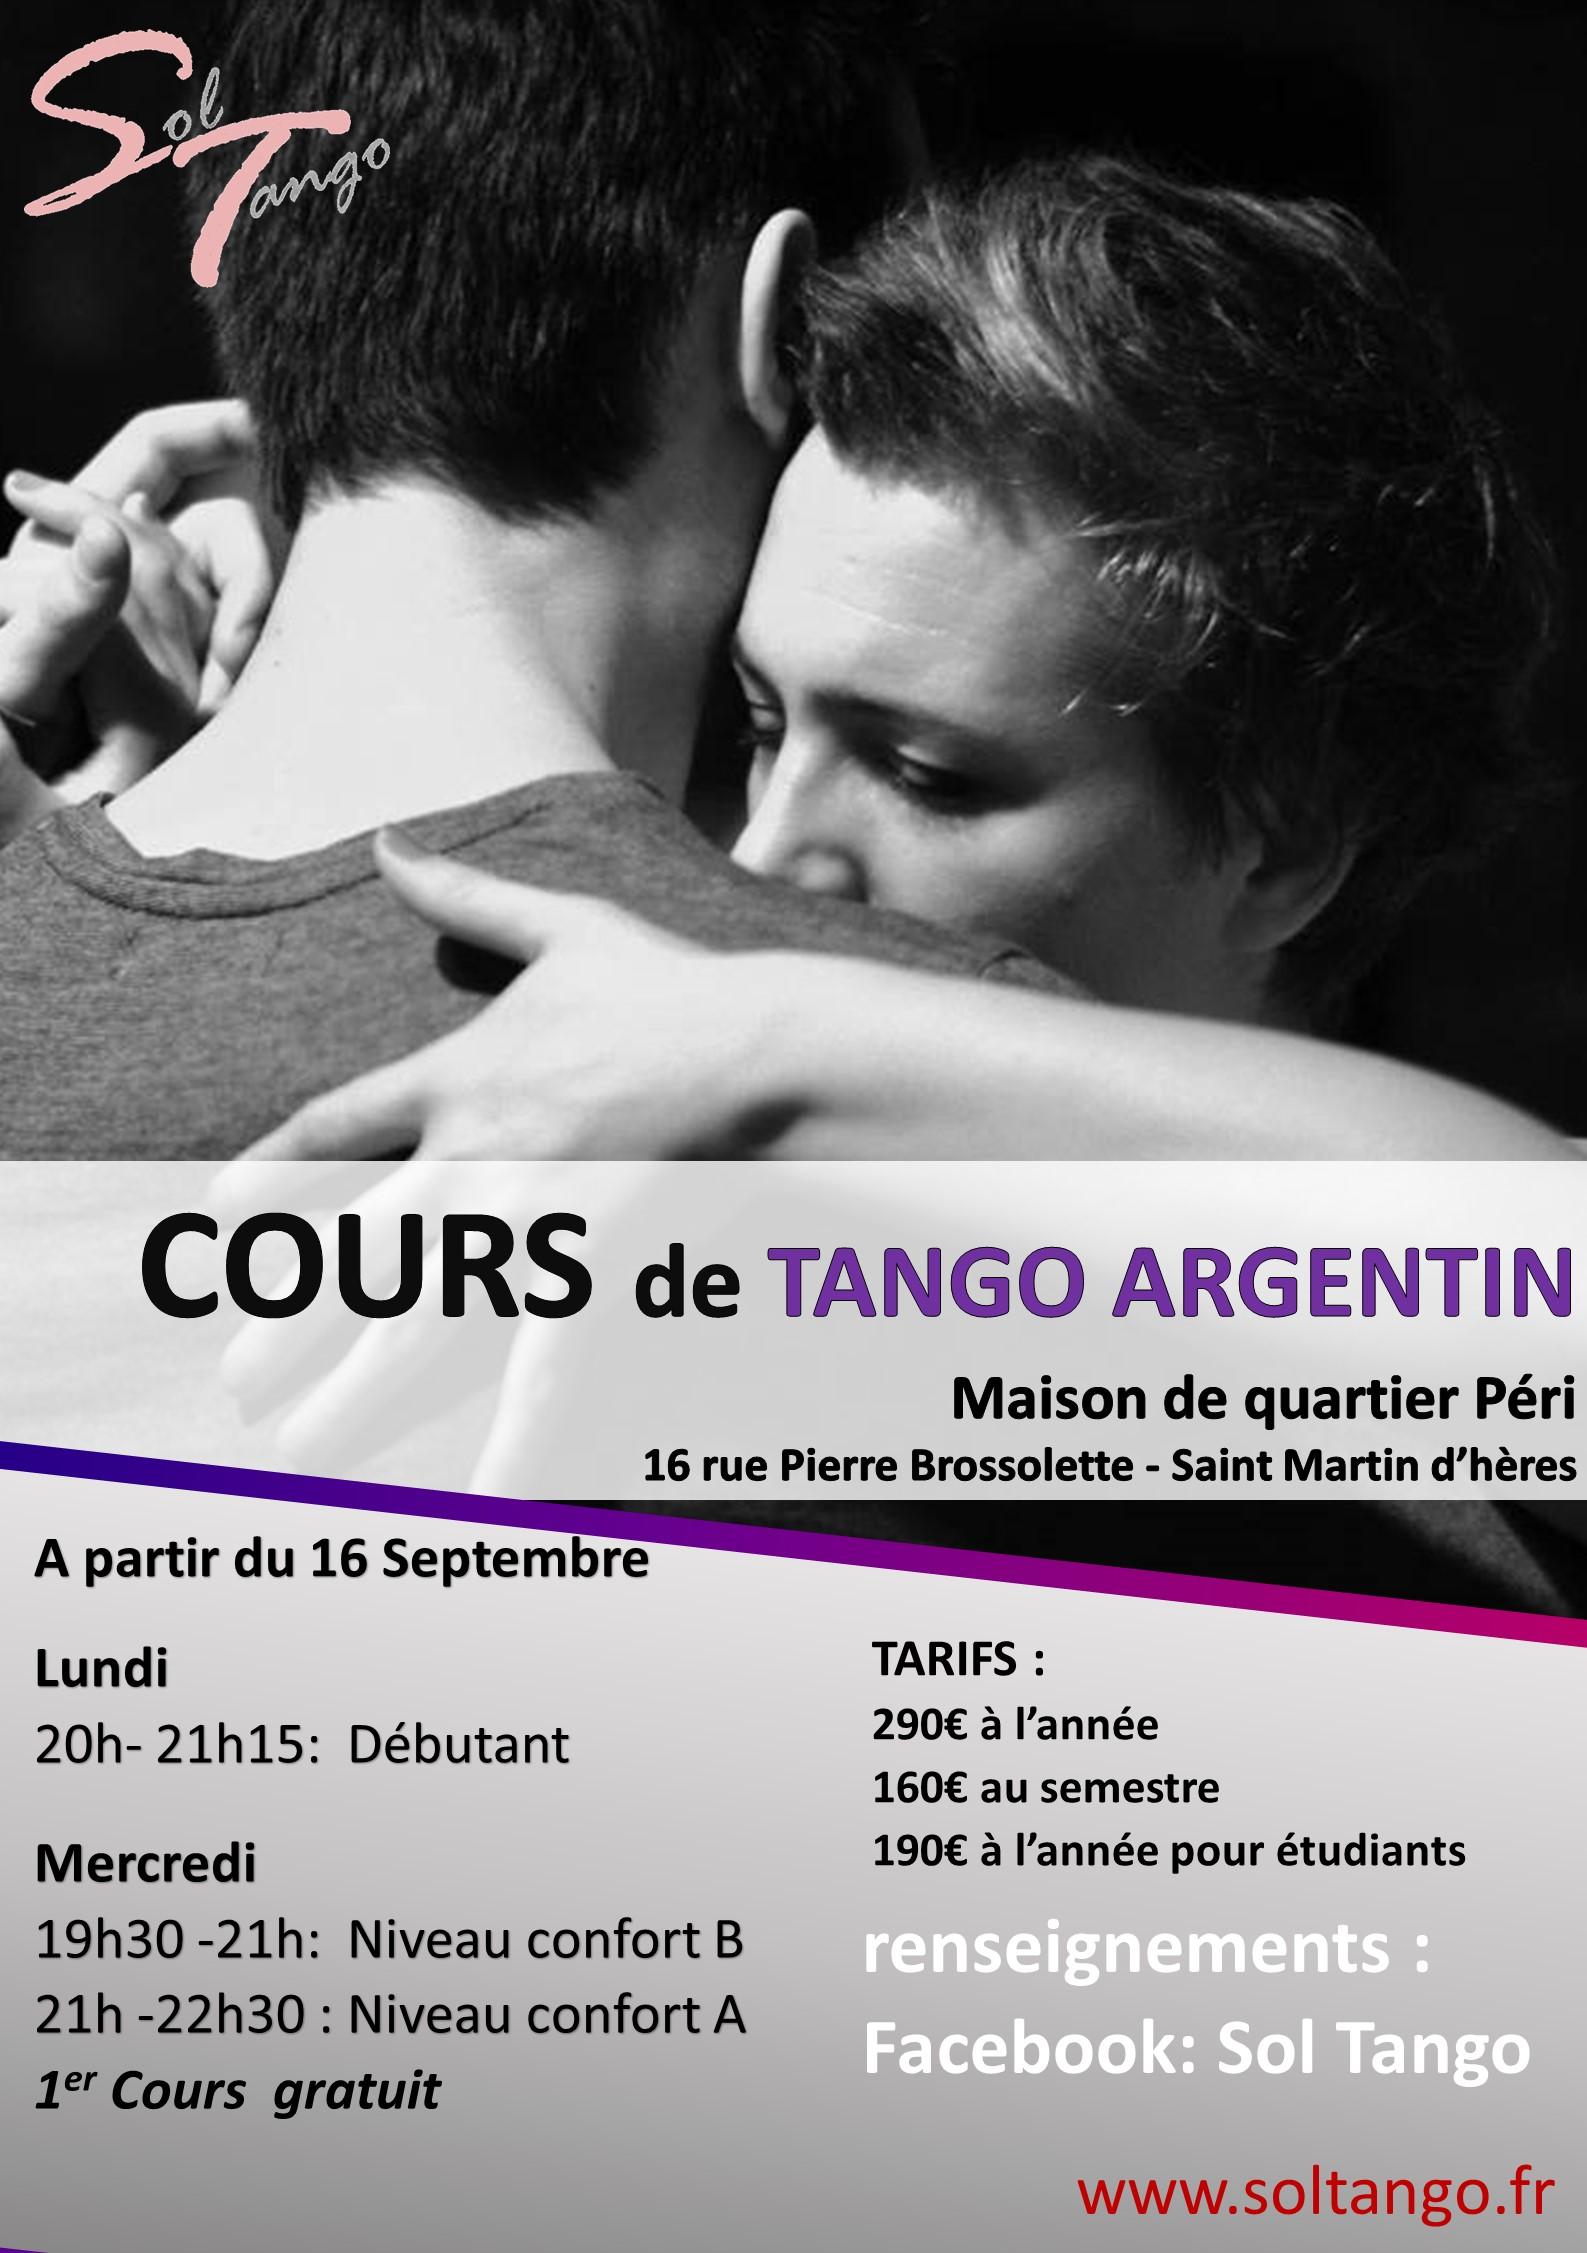 Les cours de tango reprennent la semaine du  16 Septembre 2019